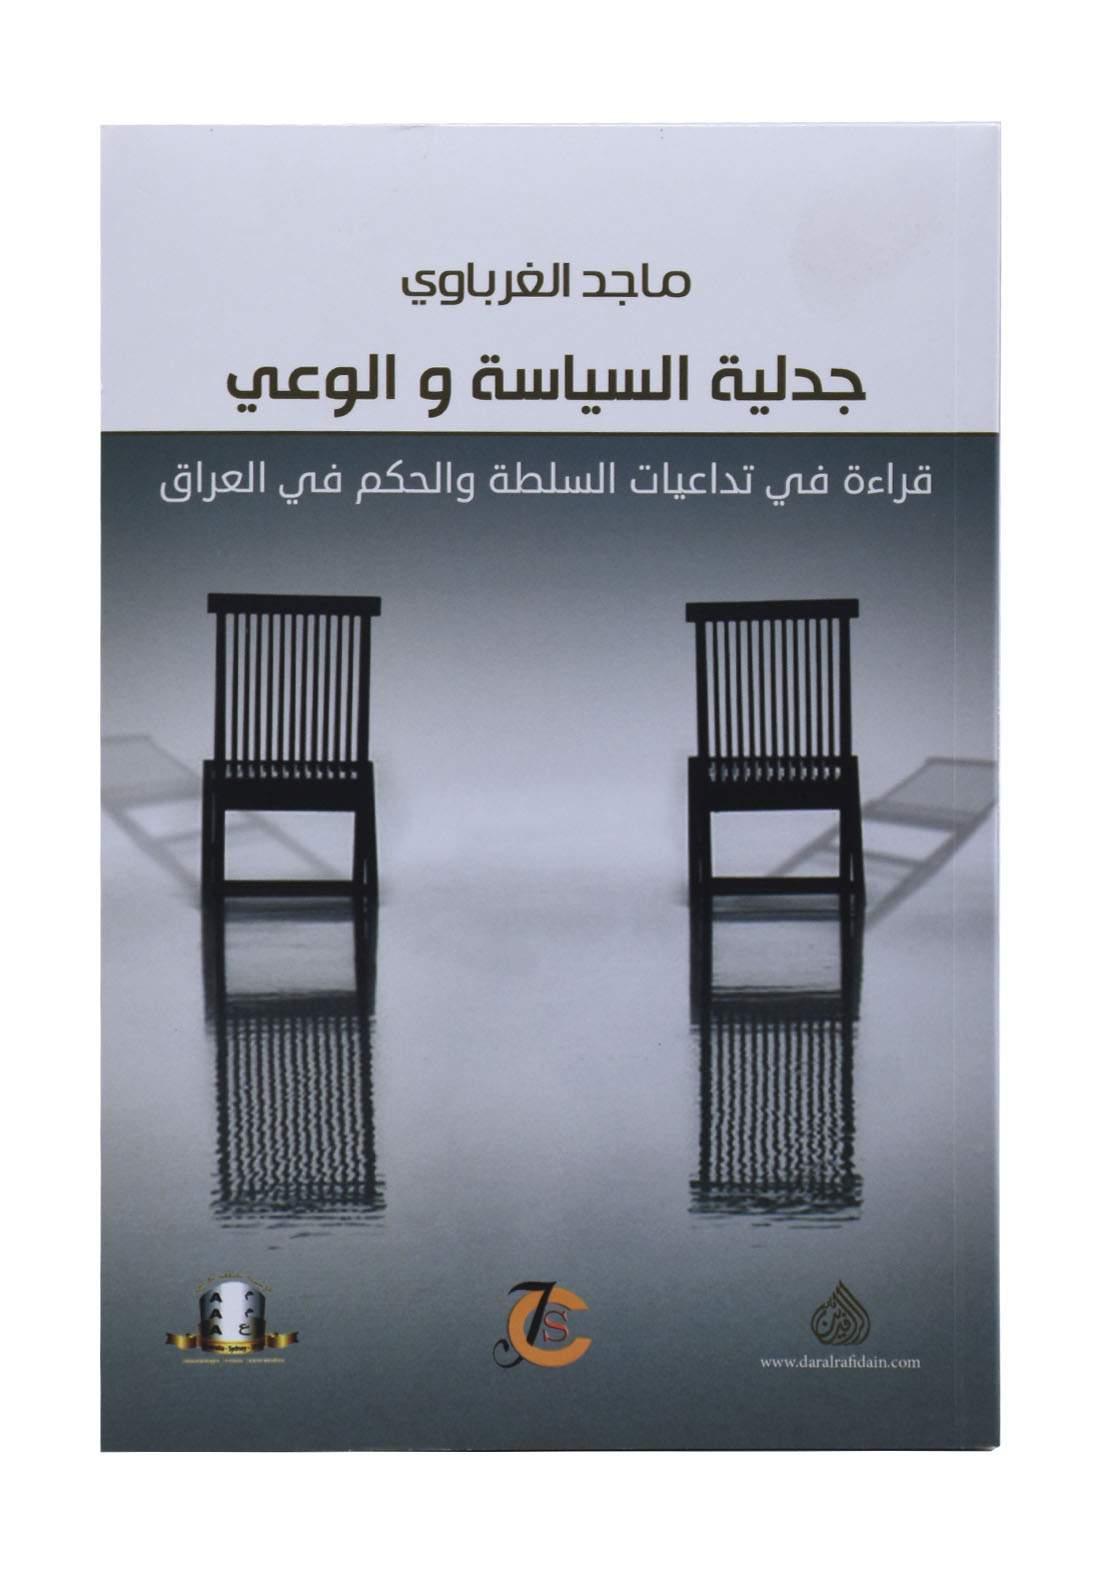 جدلية الساسية والوعي قراءة في تداعيات السلطة والحكم في العراق